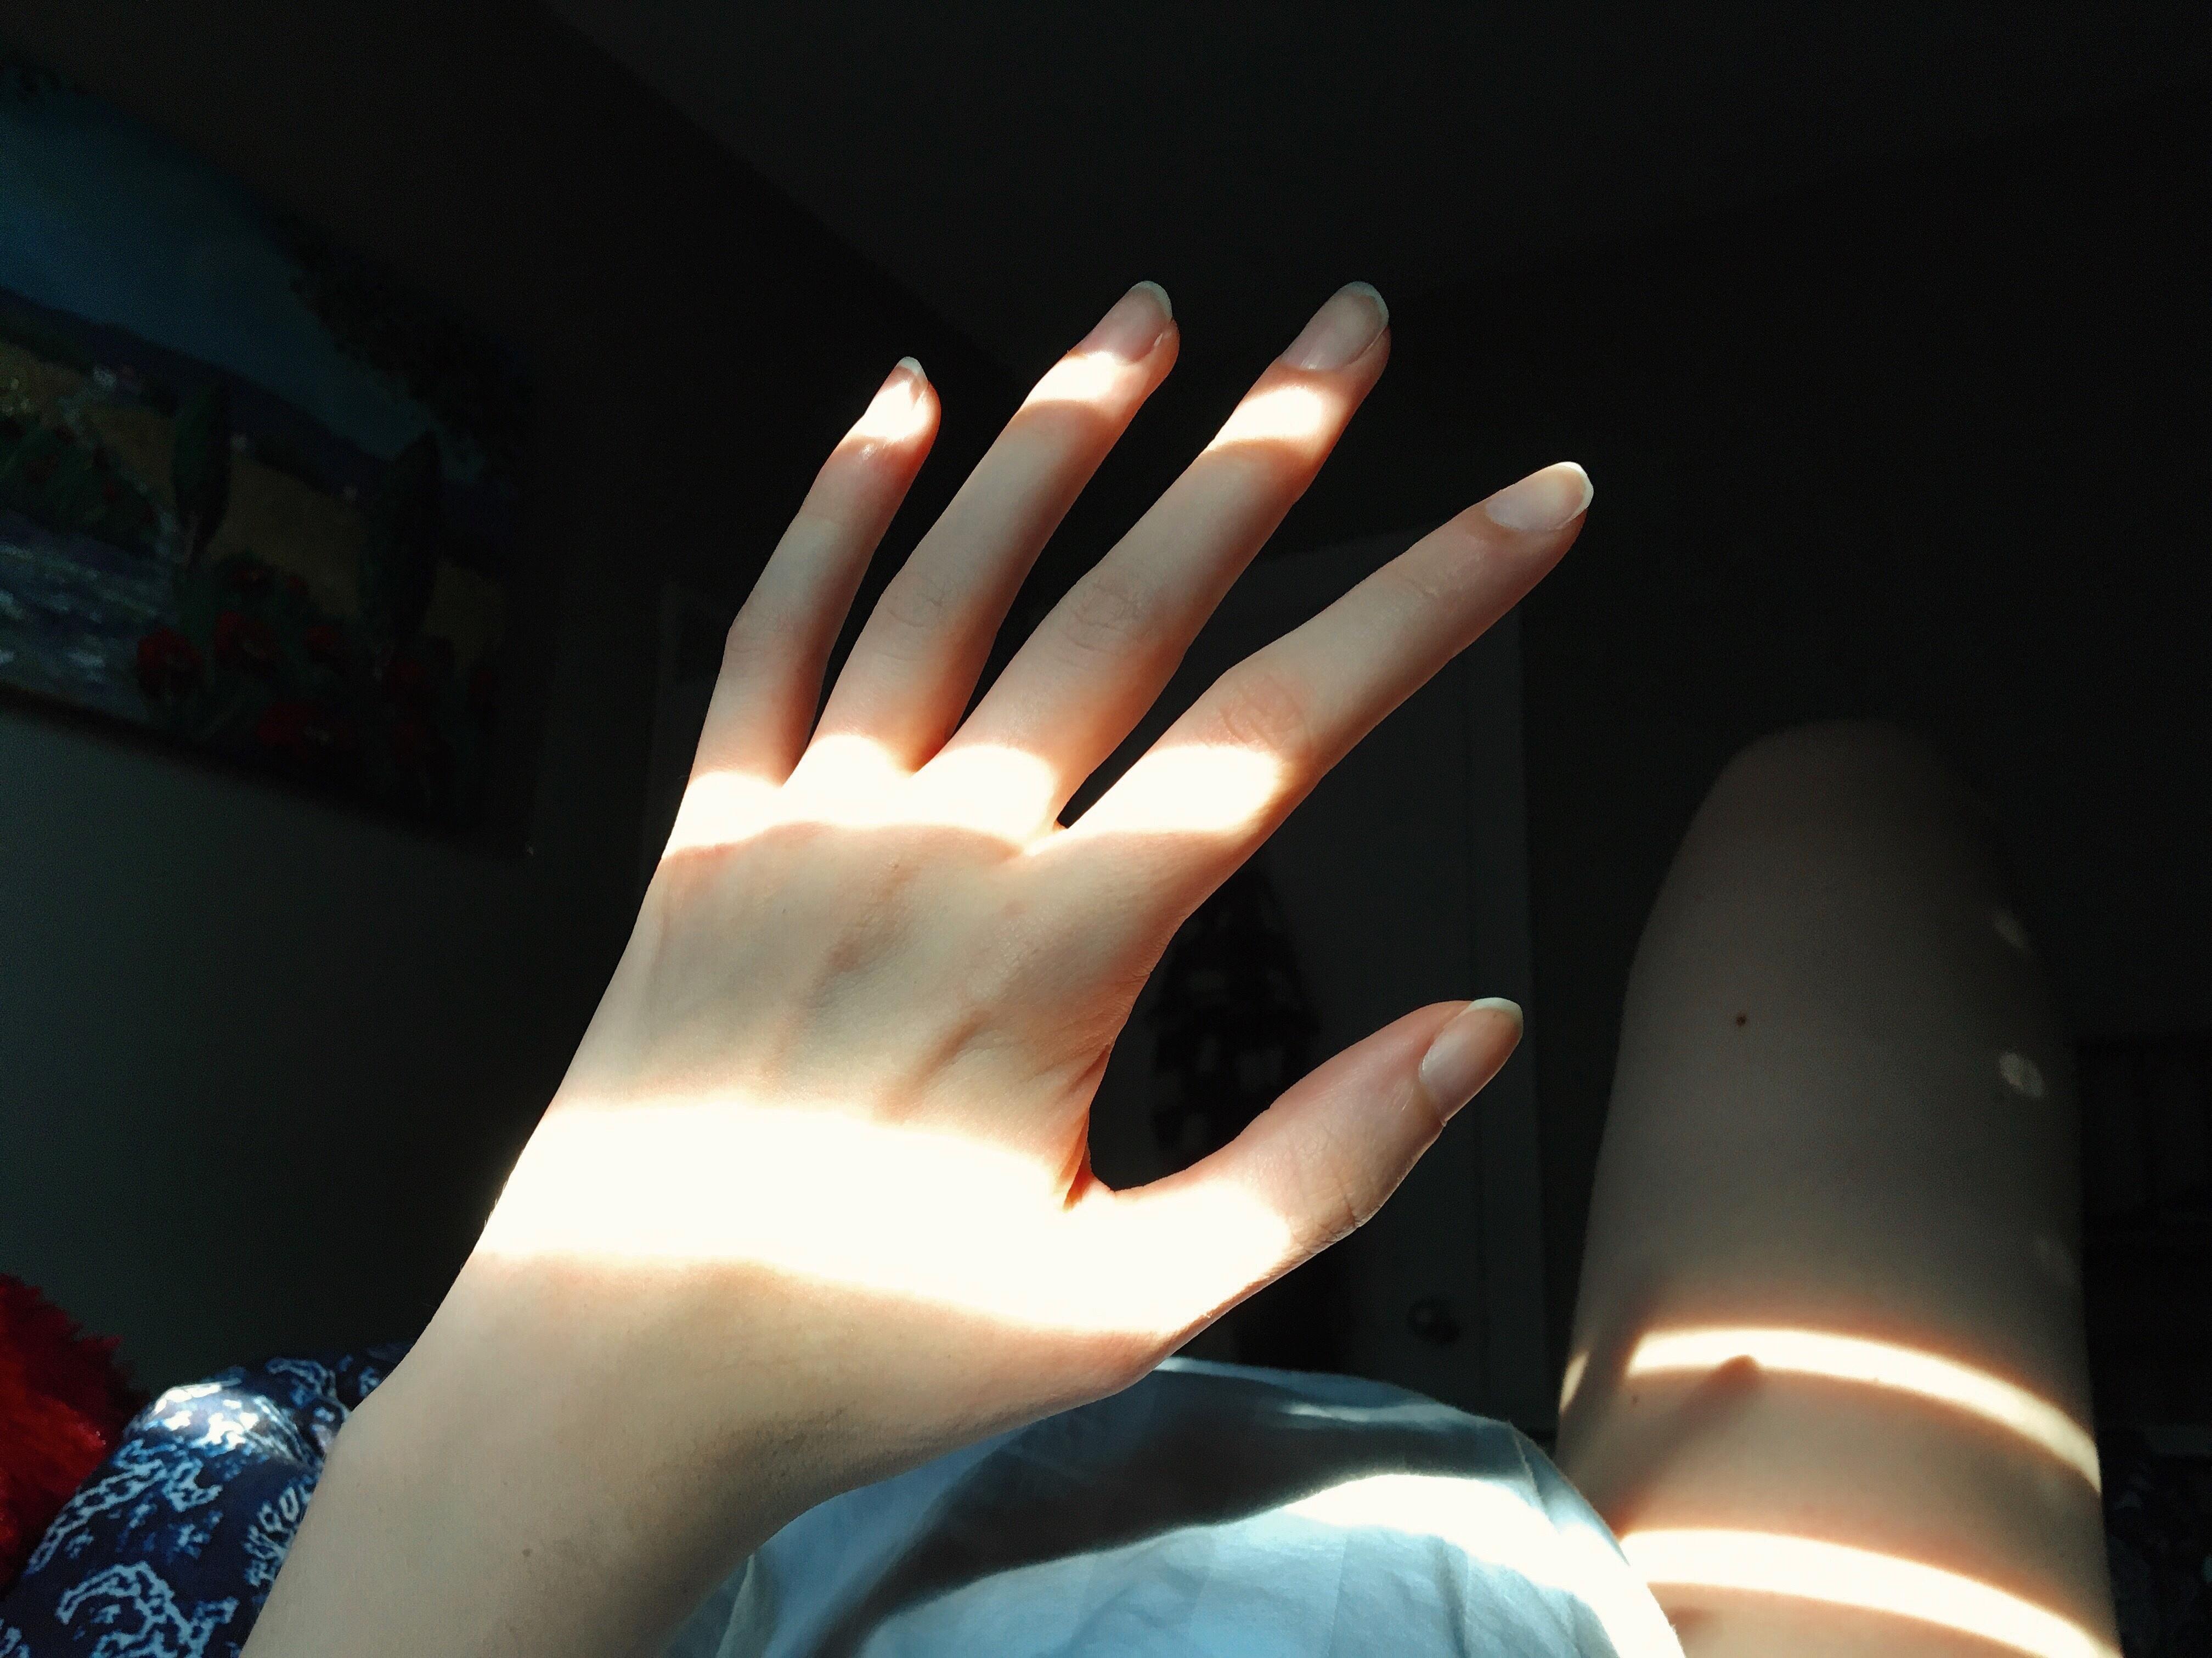 частное фото женской руки глазами под коротенький